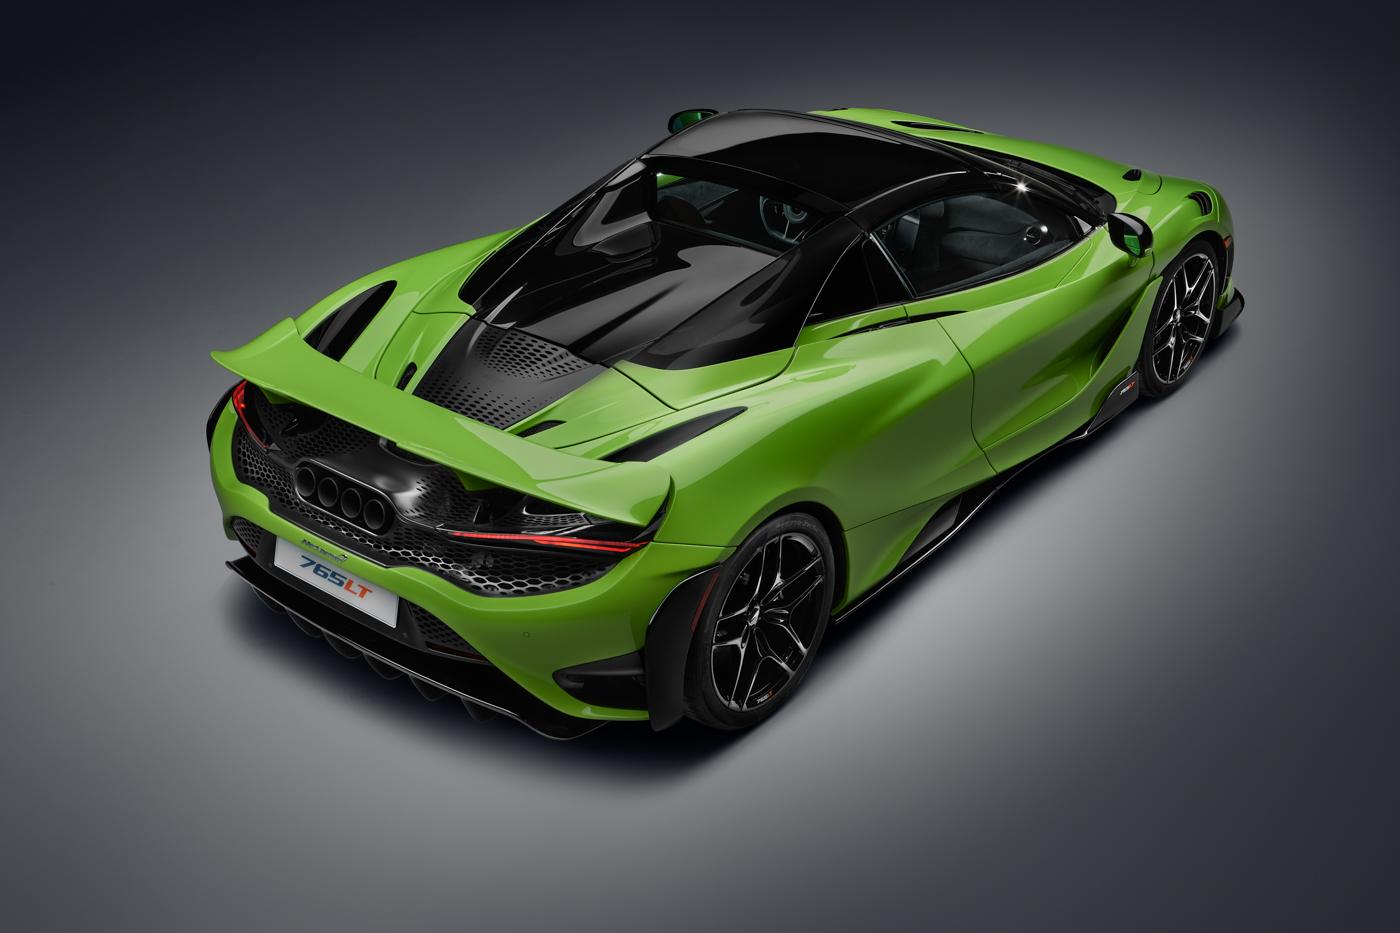 McLaren-765-LT-Spider-siêu-xe-mui-trần-hiệu-năng-cao-dẫn-đầu-phân-khúc-34.jpg